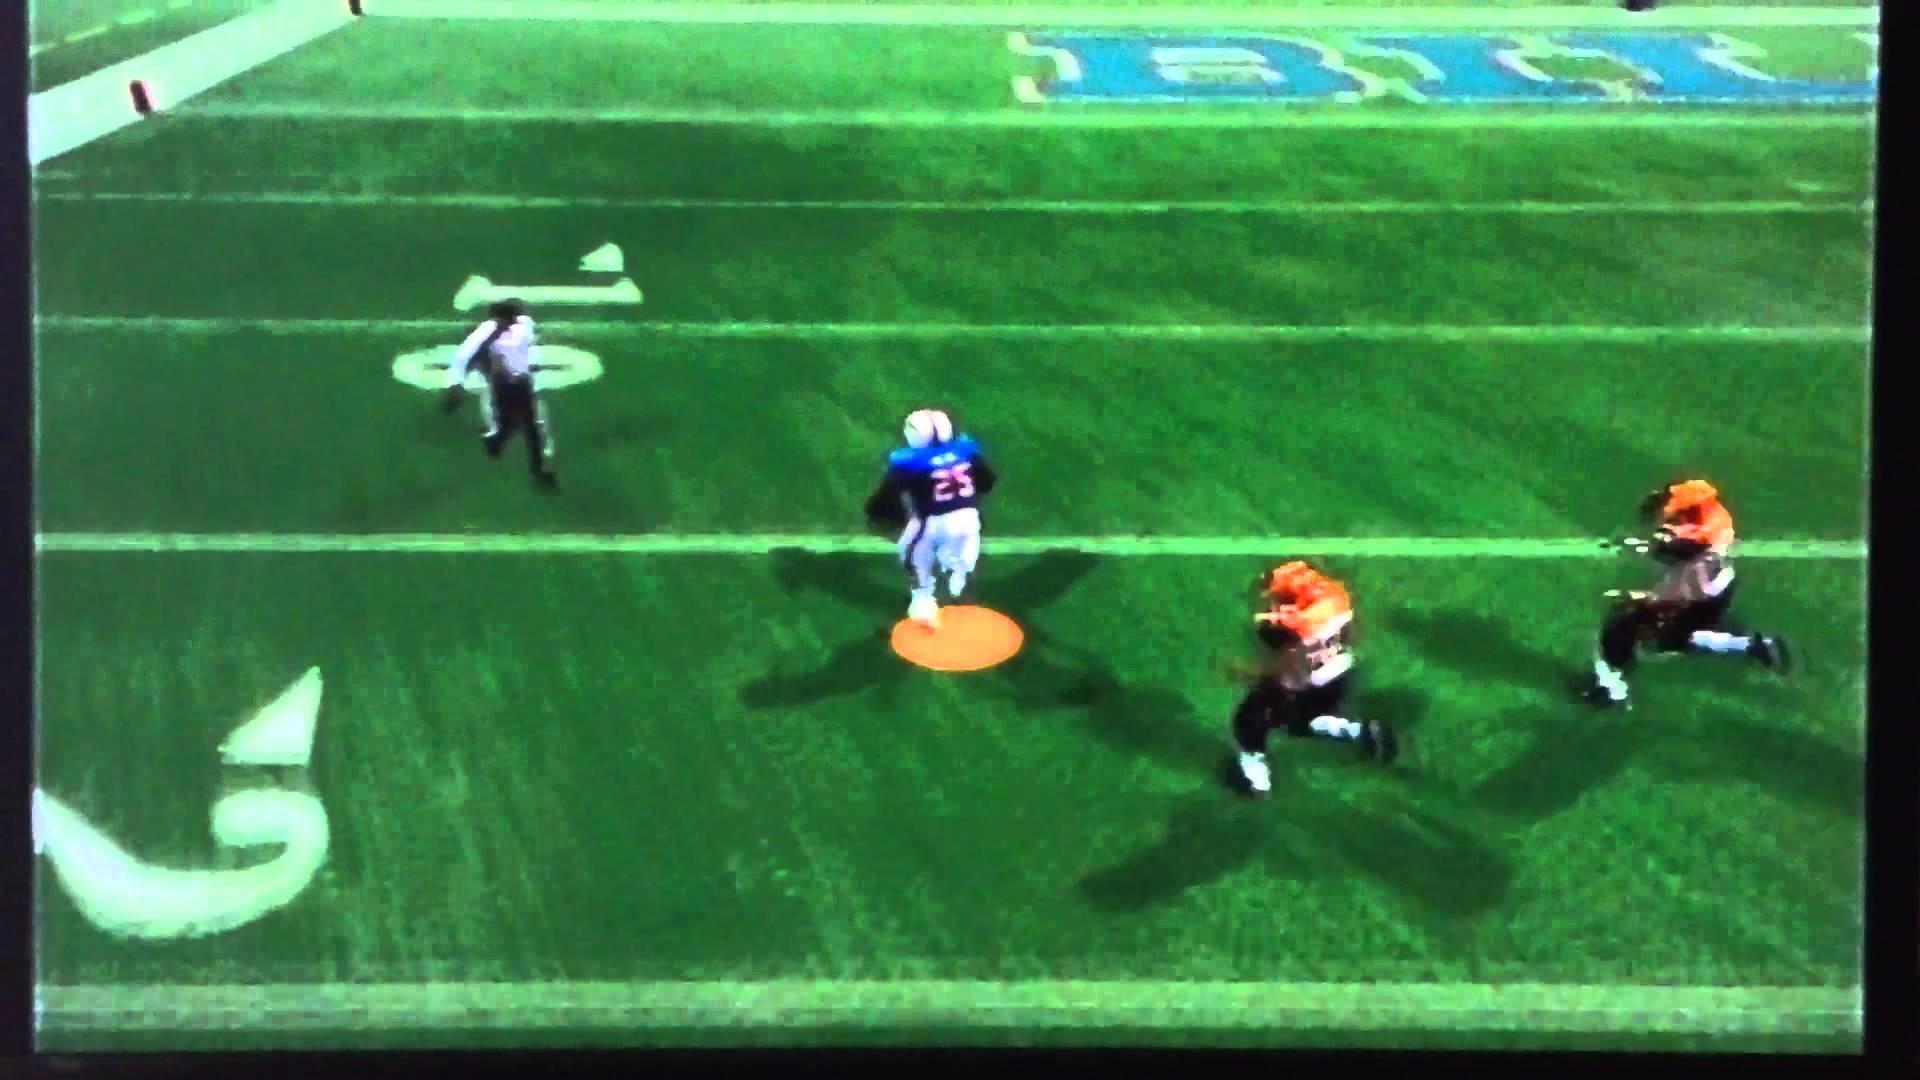 LeSean McCoy bursts out for a touchdown untouched | Bills vs Bengals